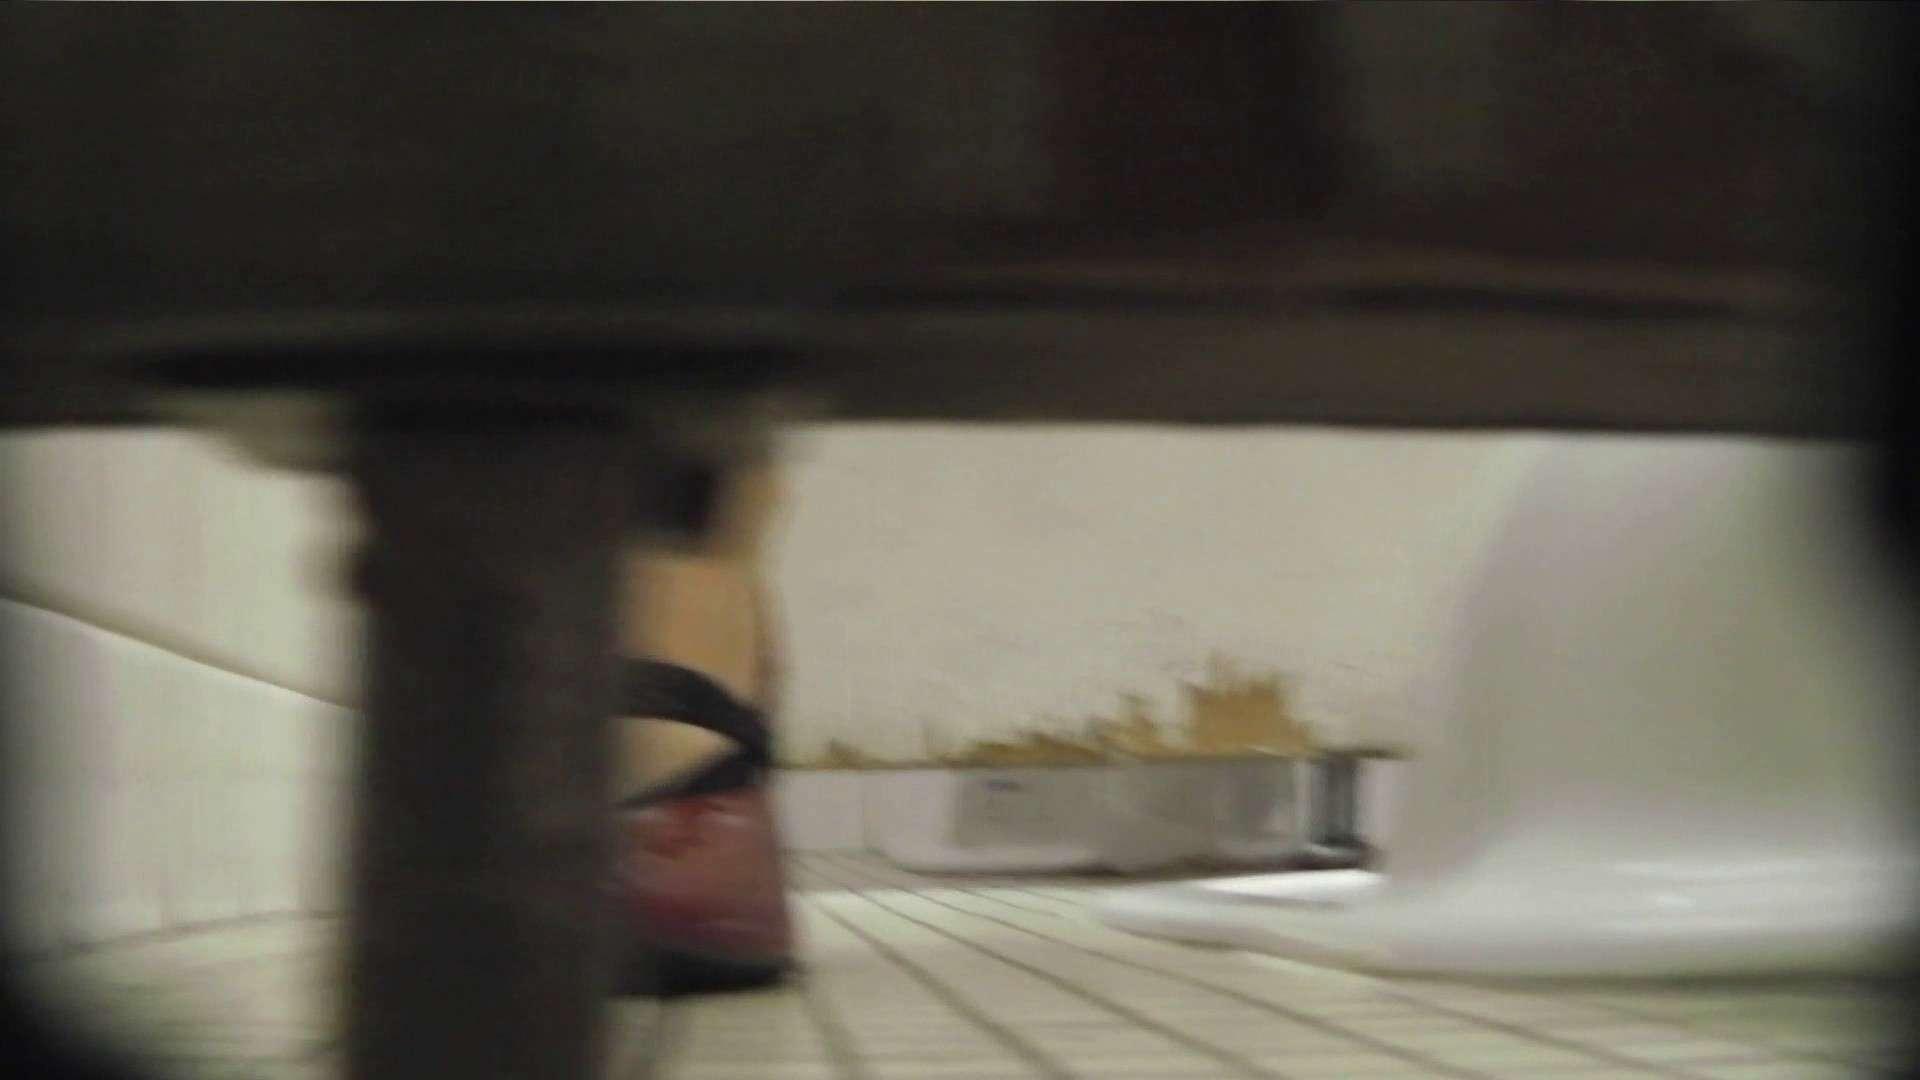 vol.62 命がけ潜伏洗面所! クパ~しながら放水してみた 丸見え オマンコ動画キャプチャ 112枚 77